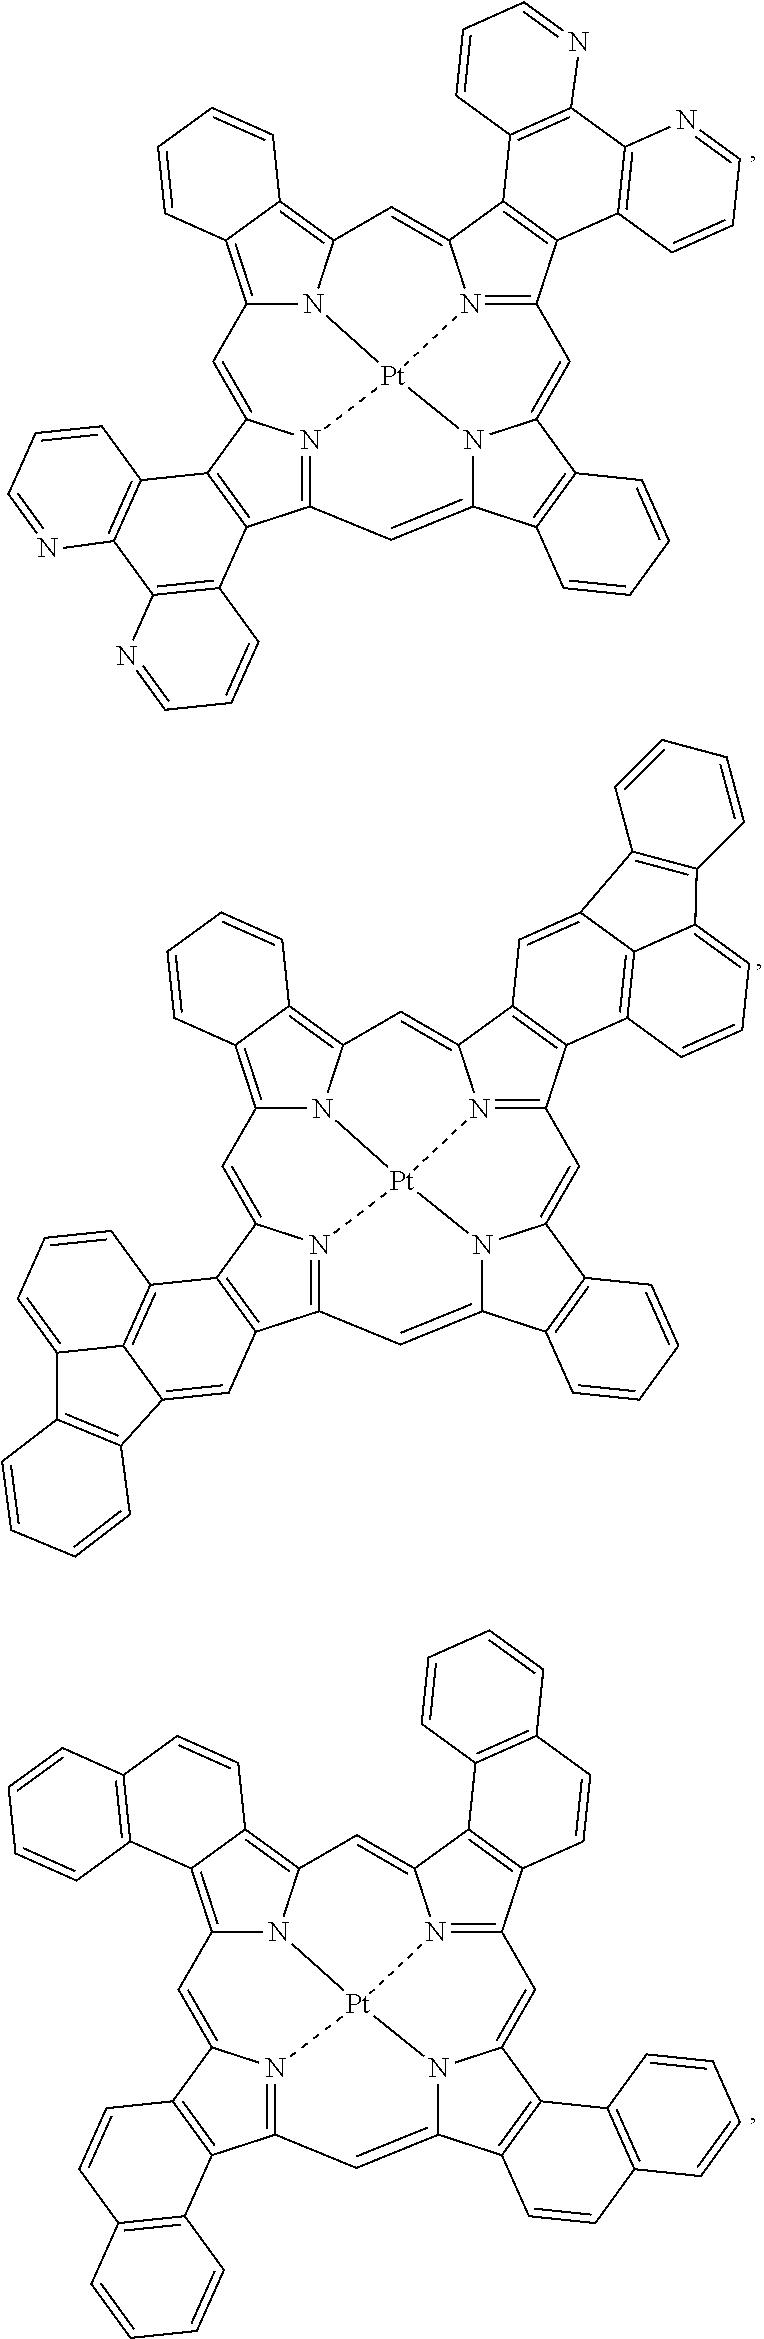 Figure US20100013386A1-20100121-C00017